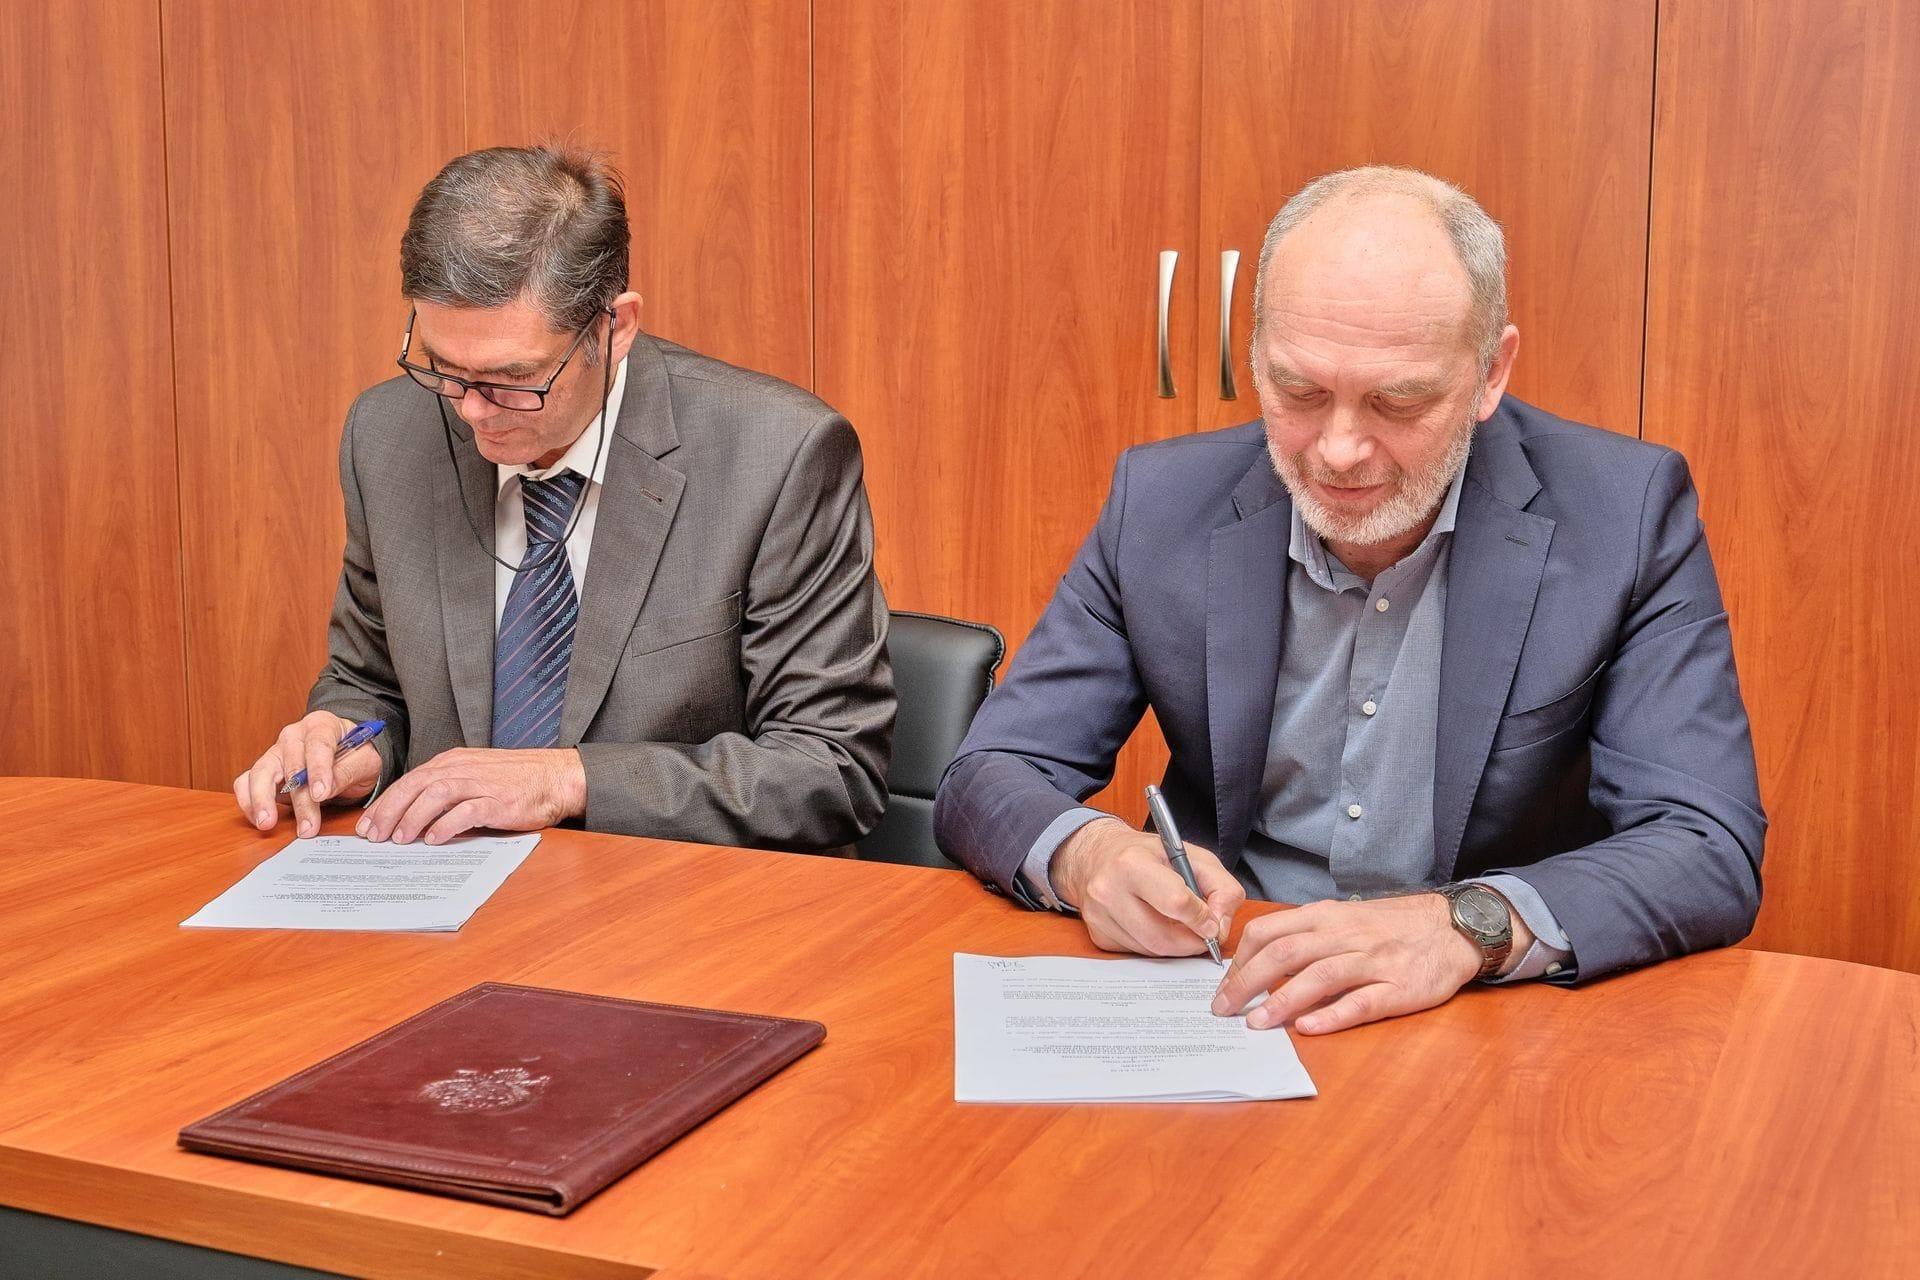 Fotografija 1: Parafiran Sporazum između BIH i Crne Gore o izgradnji međudržavnog mosta preko rijeke Tare